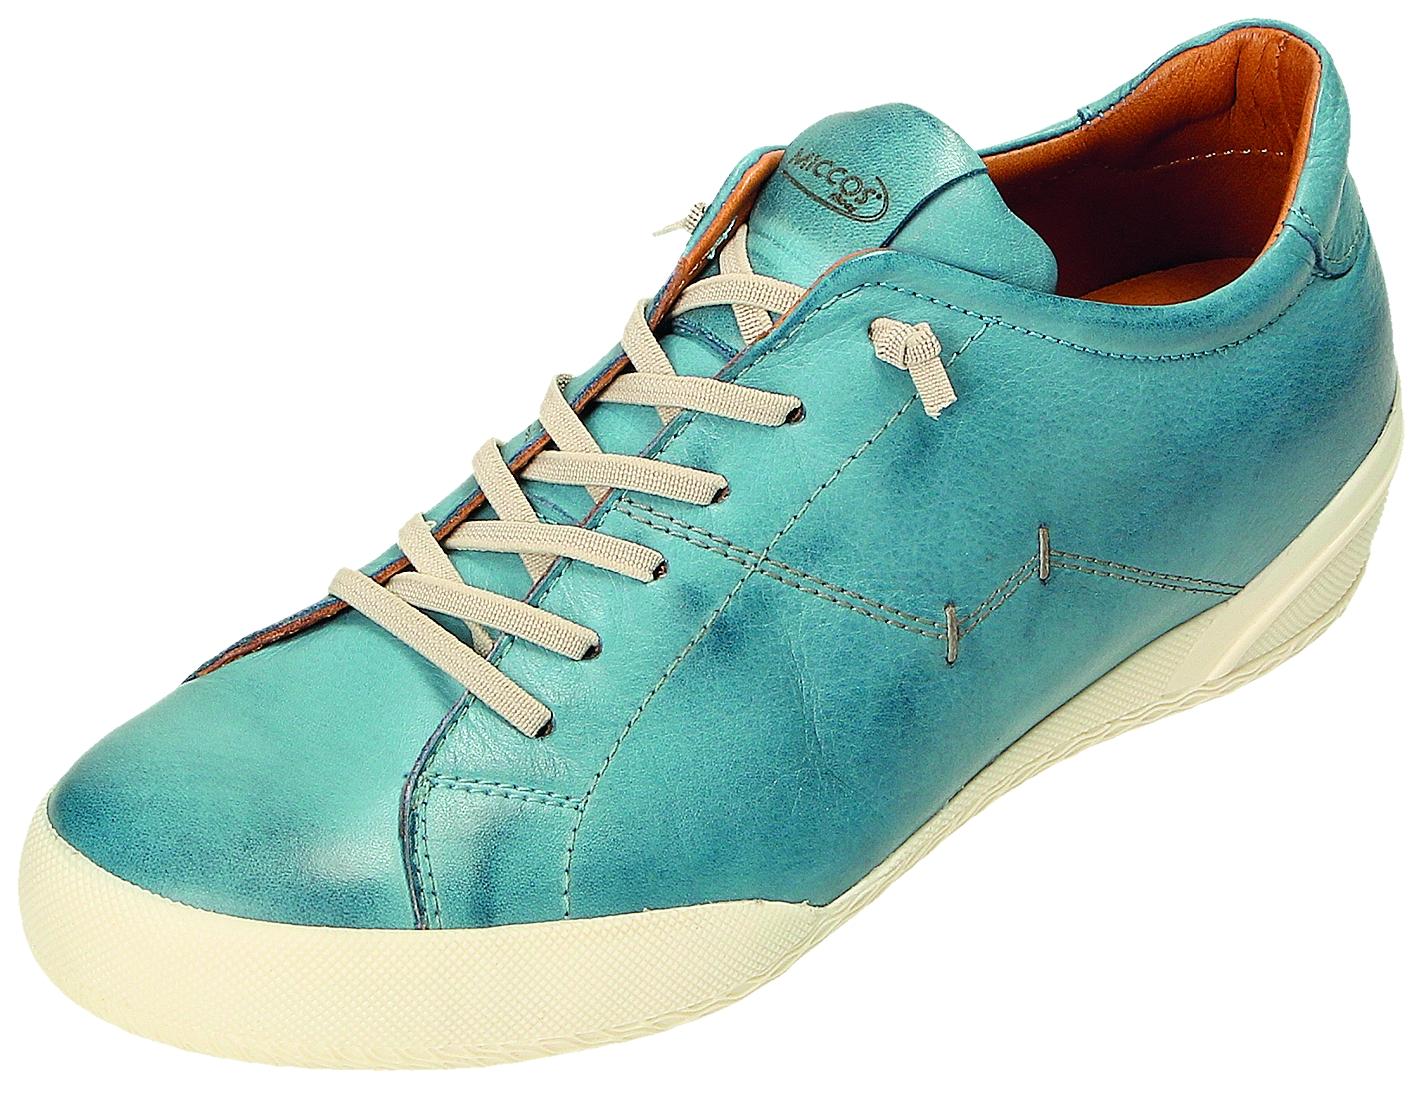 Miccos schuhe Damenschuhe sportlich Damen-Slipper Blau 18403 ANAR